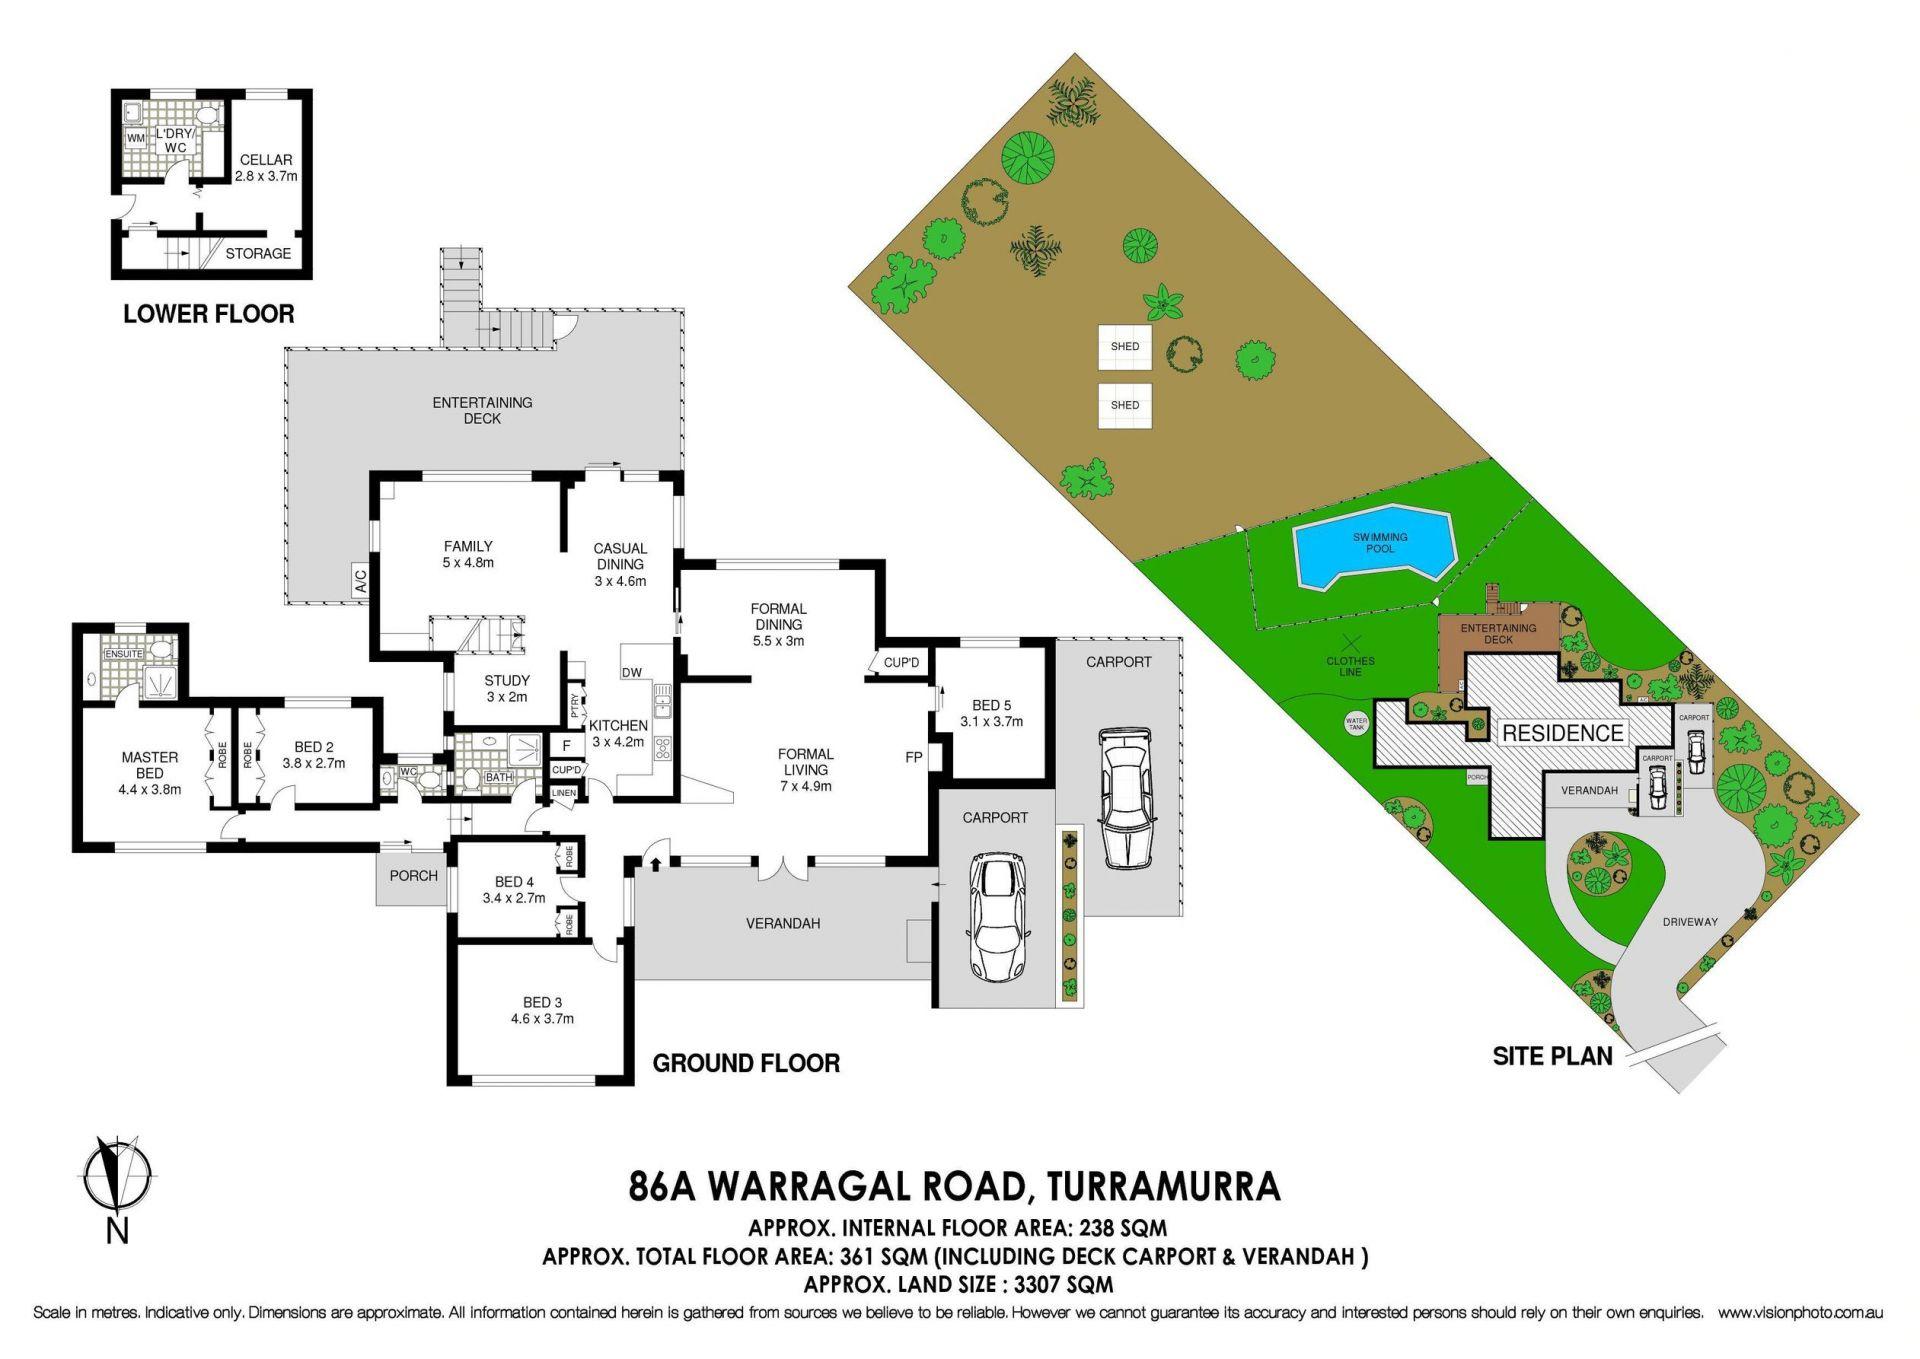 86a Warragal Road Turramurra 2074